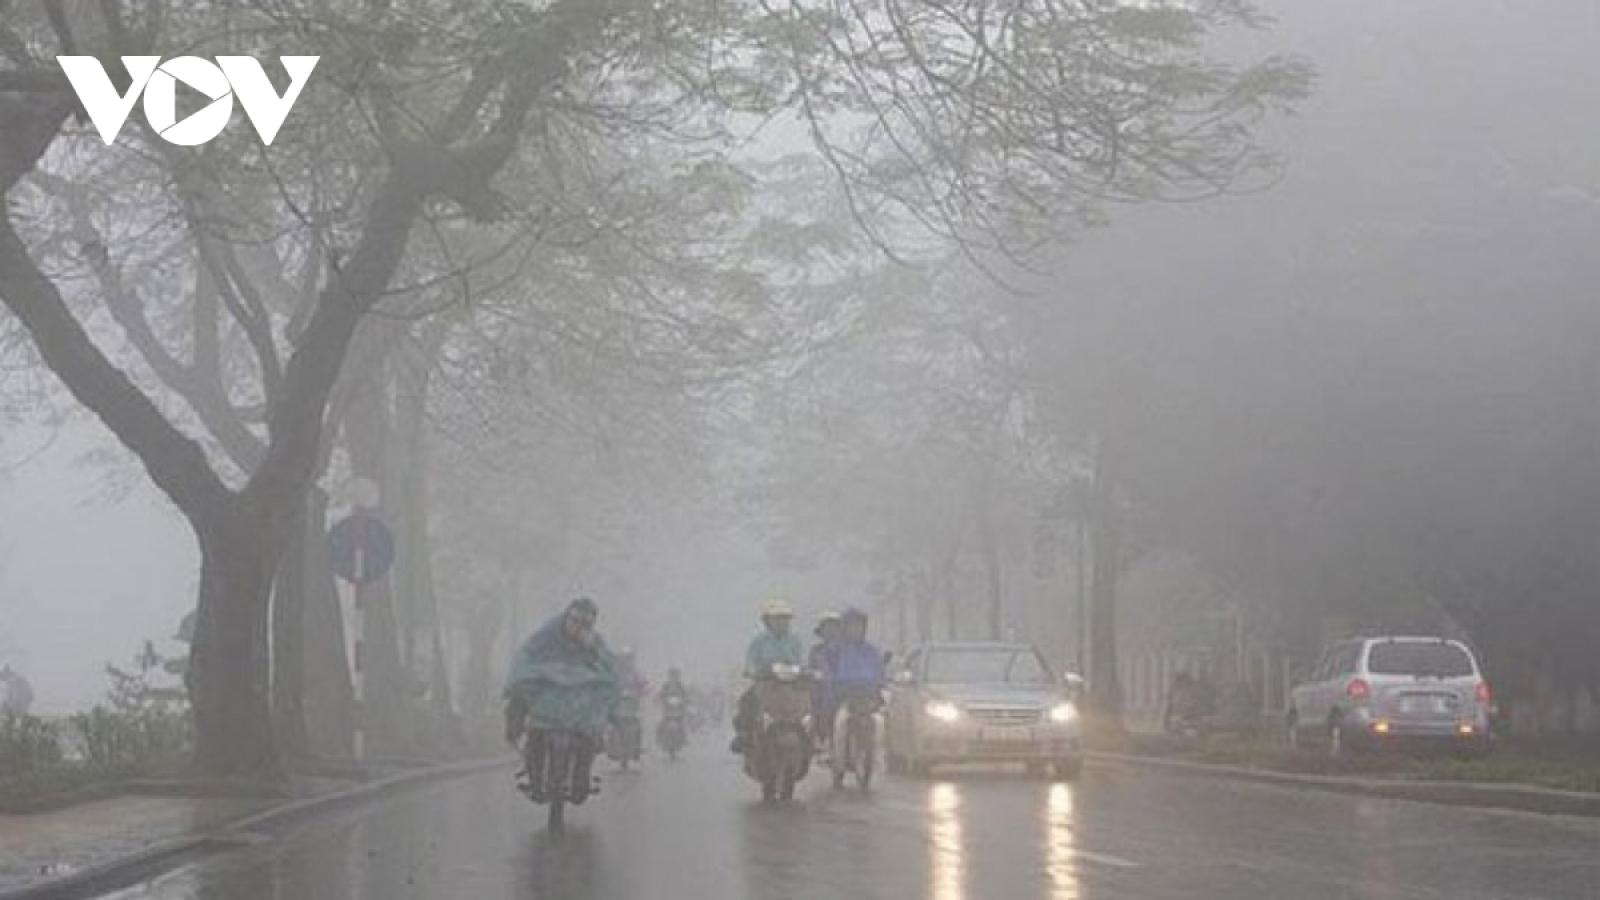 Hà Nội và các tỉnh phía Bắc chuẩn bị đón cơn mưa vàng giải nhiệt